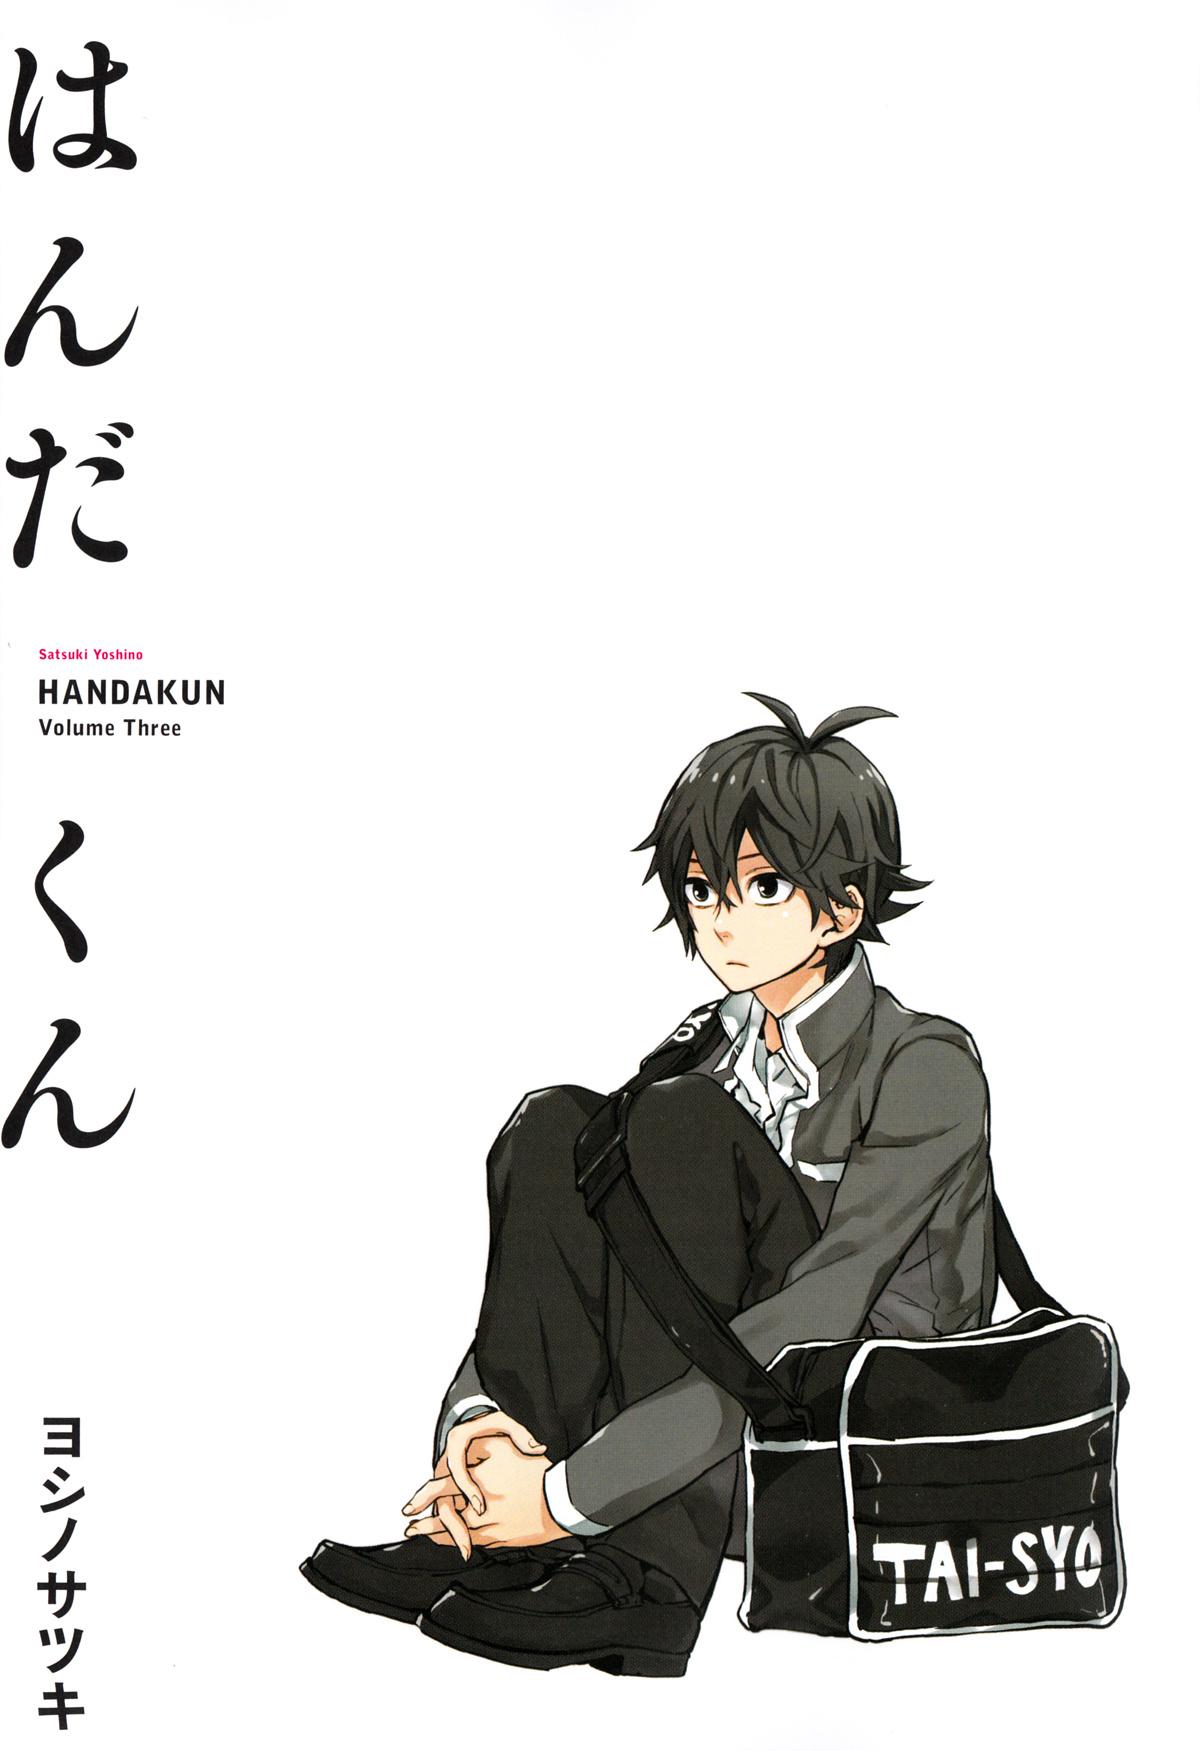 Handa Seishuu - Barakamon - Zerochan Anime Image Board